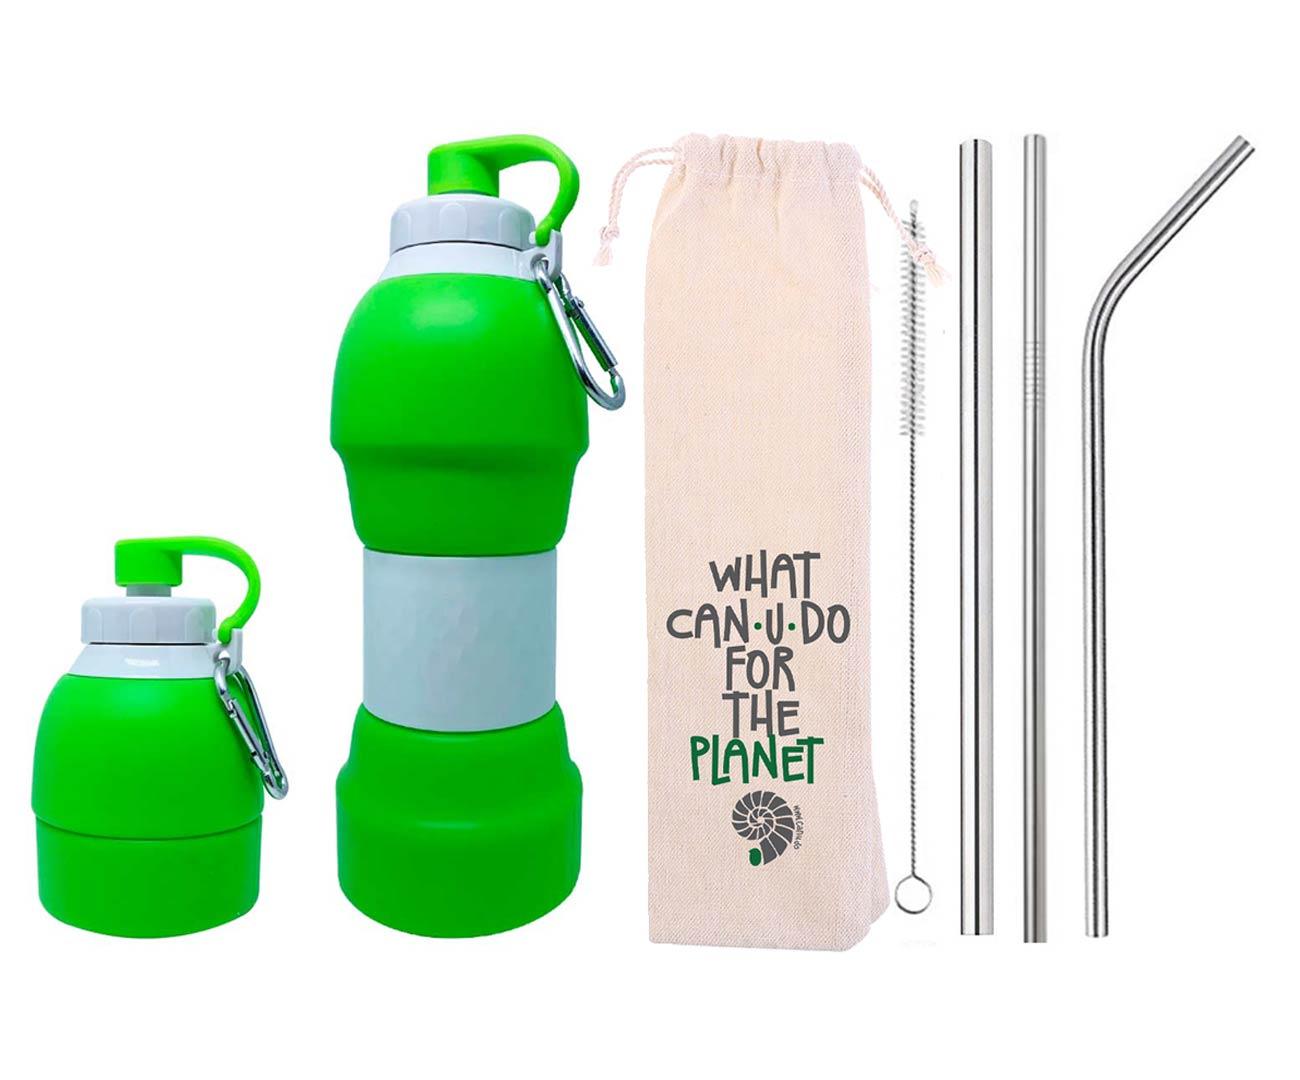 Kit Sustentável Garrafa de Silicone Verde e Canudos de Inox